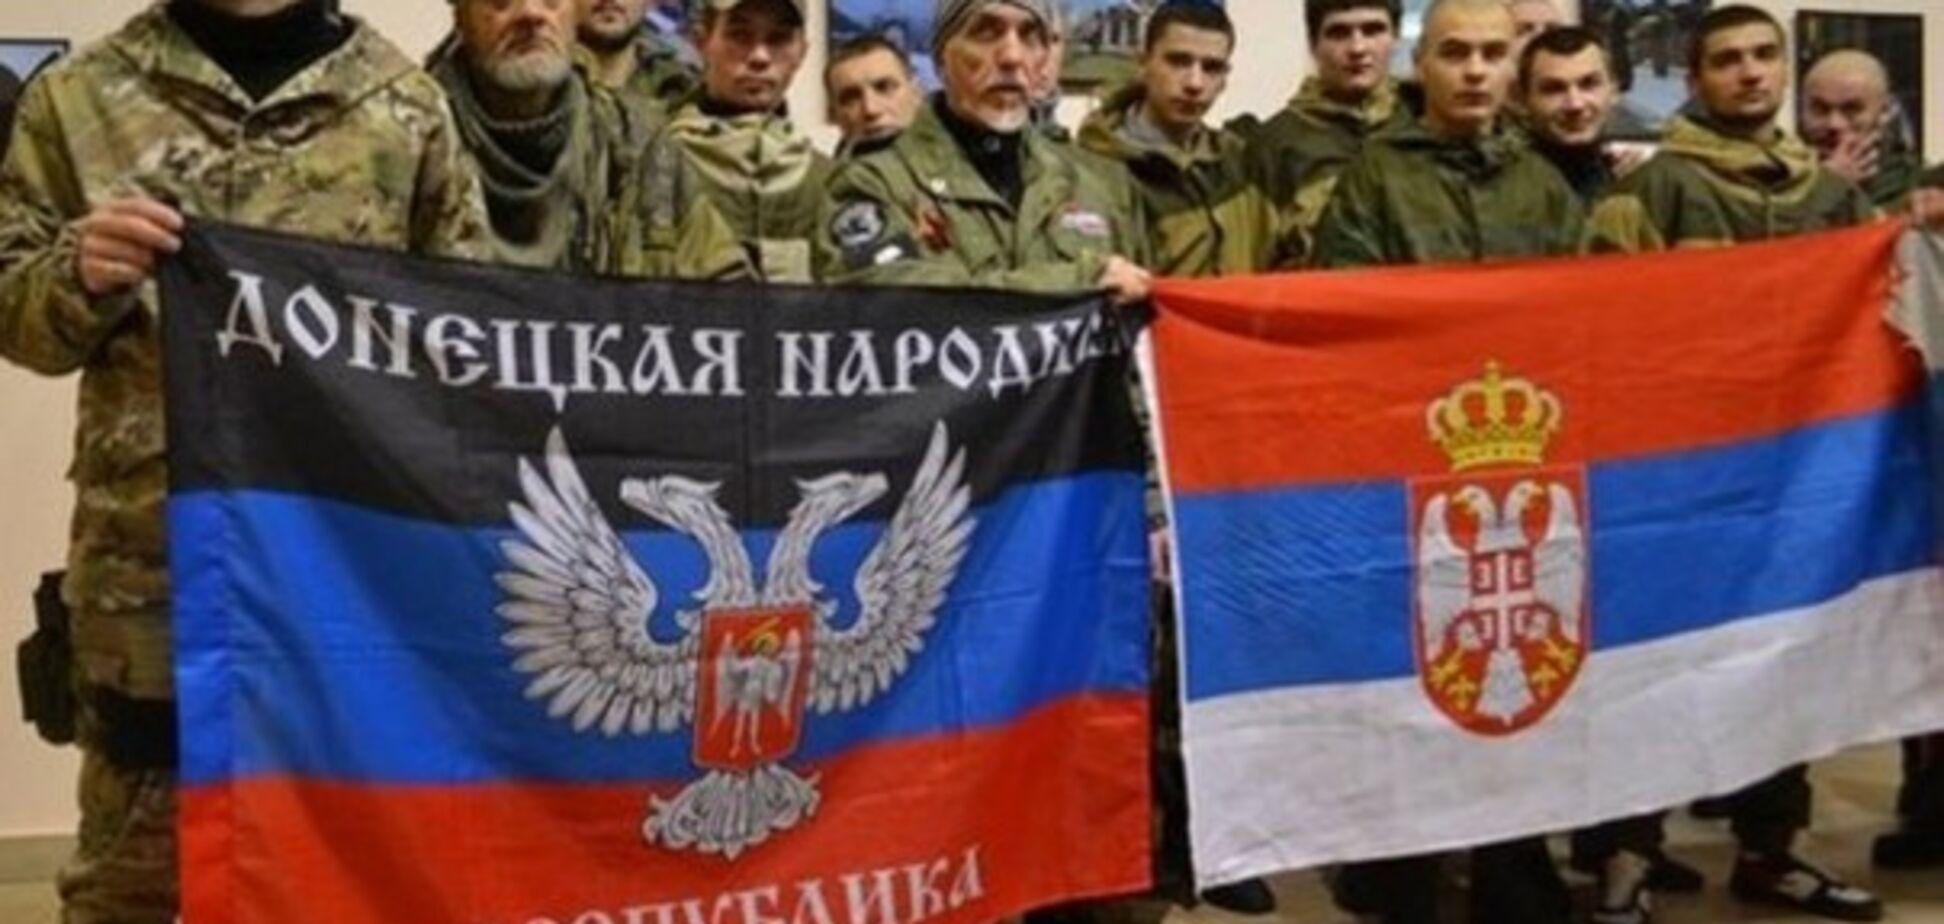 Сербские наемники на Донбассе: Киев готовит жесткий ответ Белграду